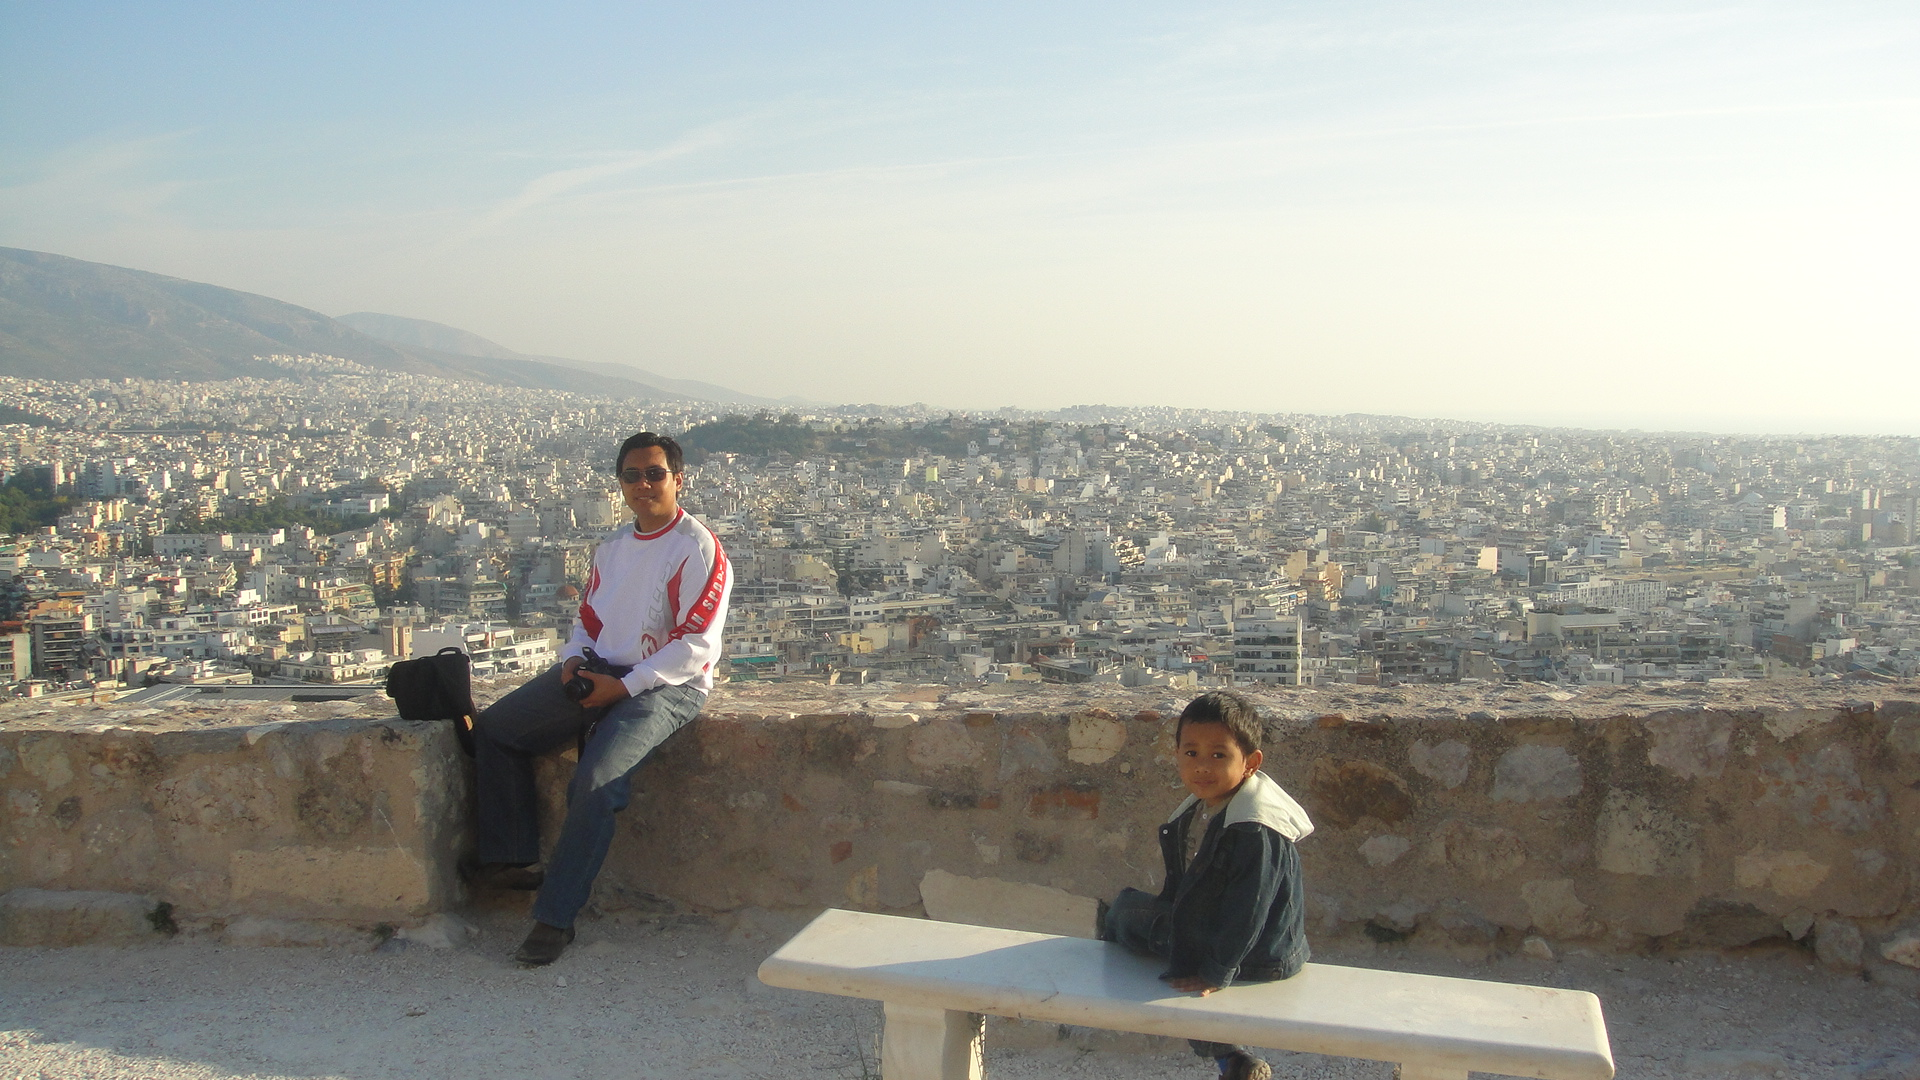 pemandangan Athena dr Acropolis